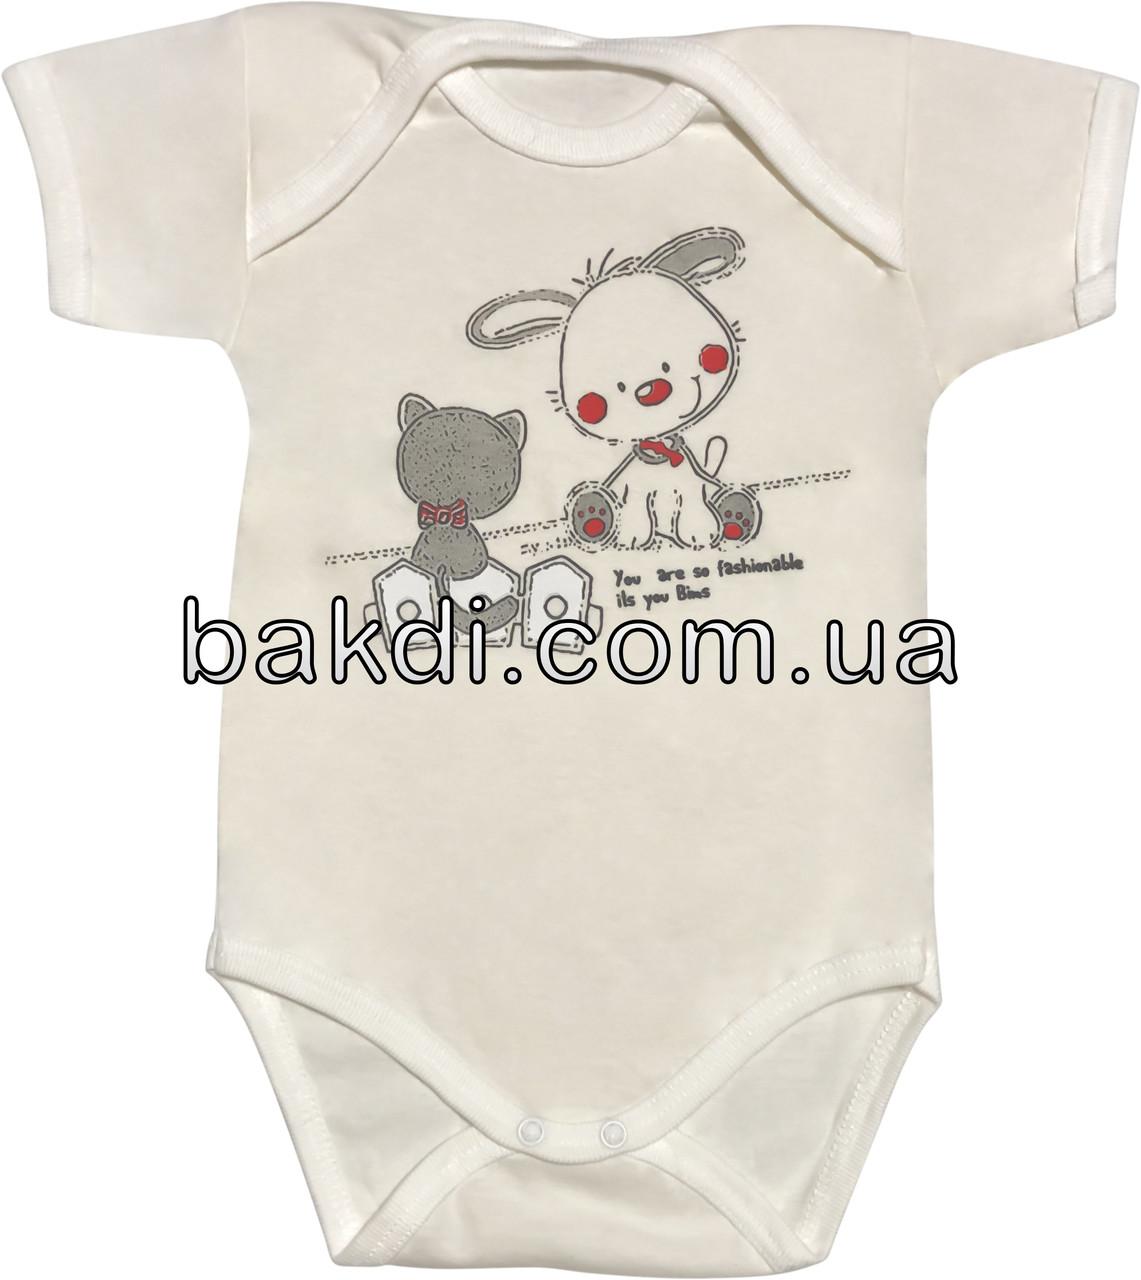 Детское летнее тонкое боди рост 80 9-12 мес хлопковое кулир молочное на мальчика девочку бодик с коротким рукавом для новорожденных малышей К336